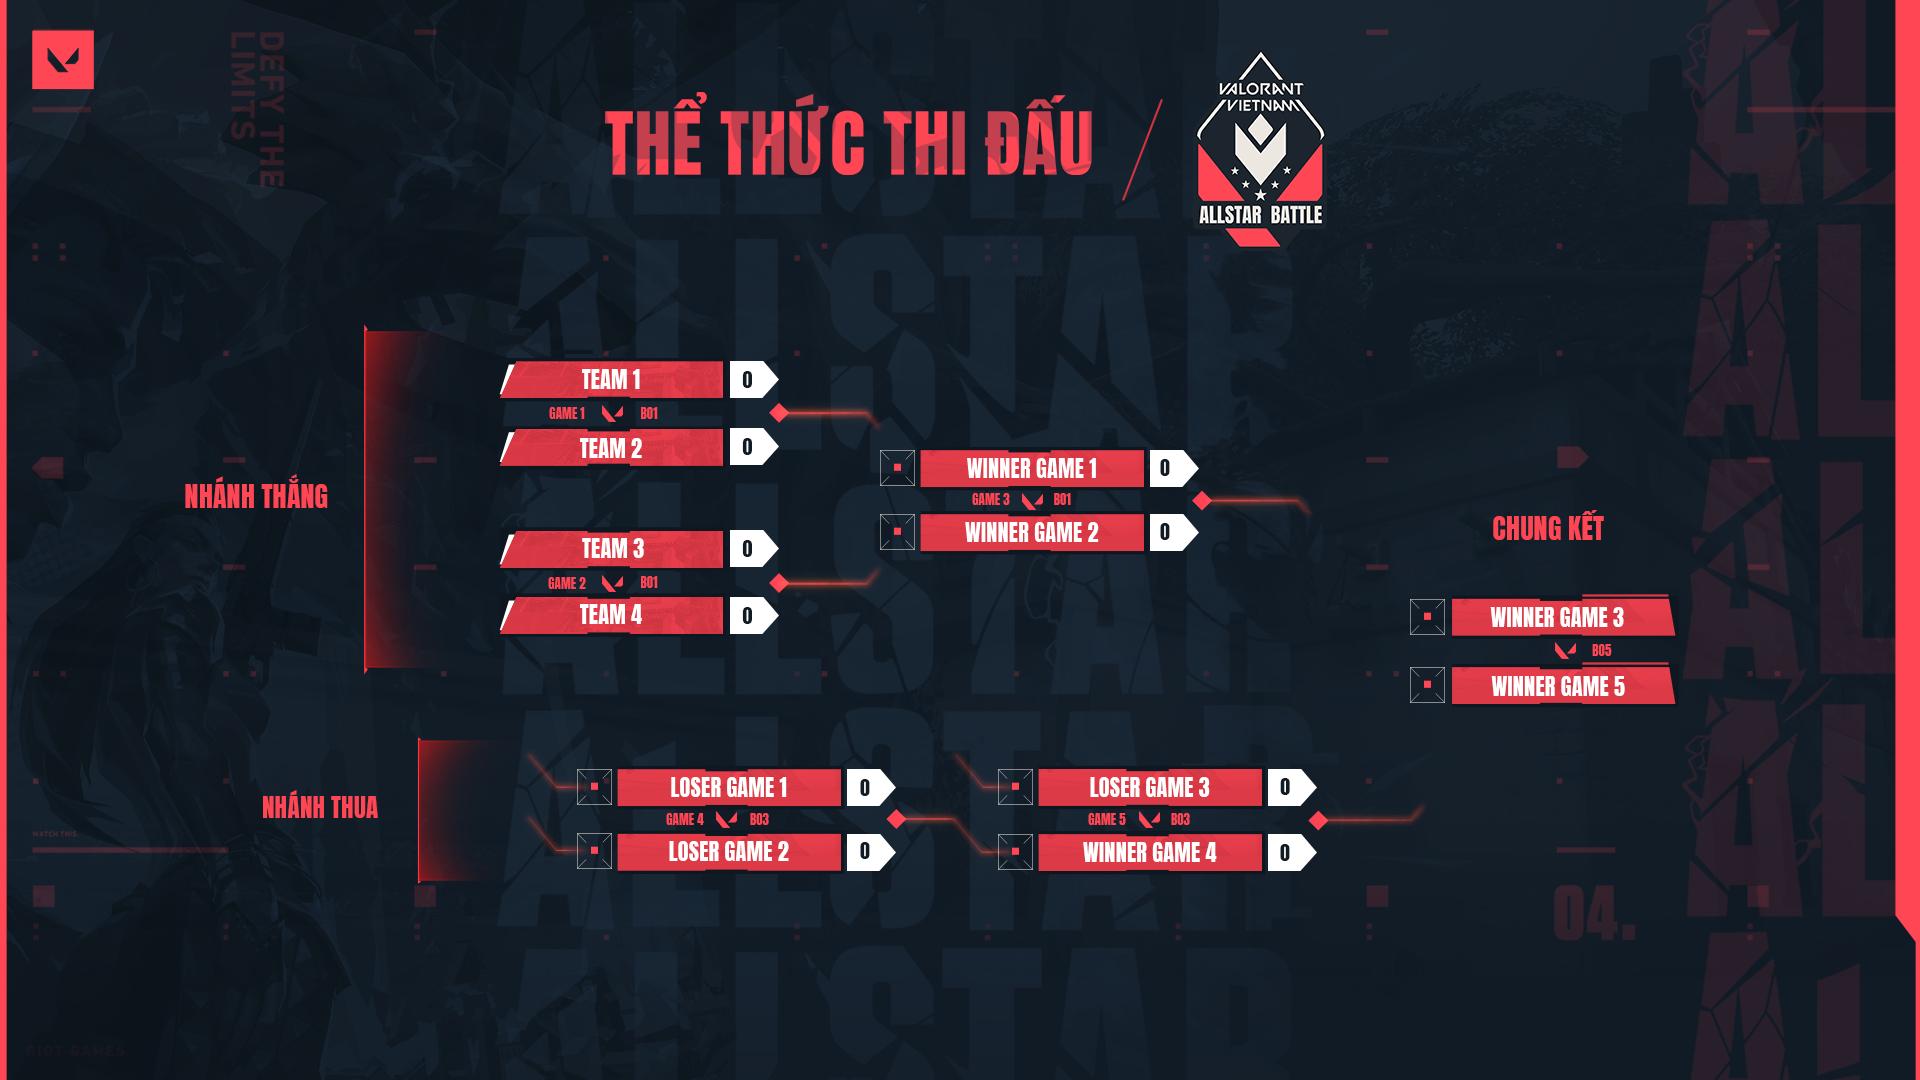 Giải đấu VALORANT VIETNAM ALLSTAR BATTLE chính thức khởi tranh với sự tham dự của những đội tuyển hàng đầu Việt Nam 2